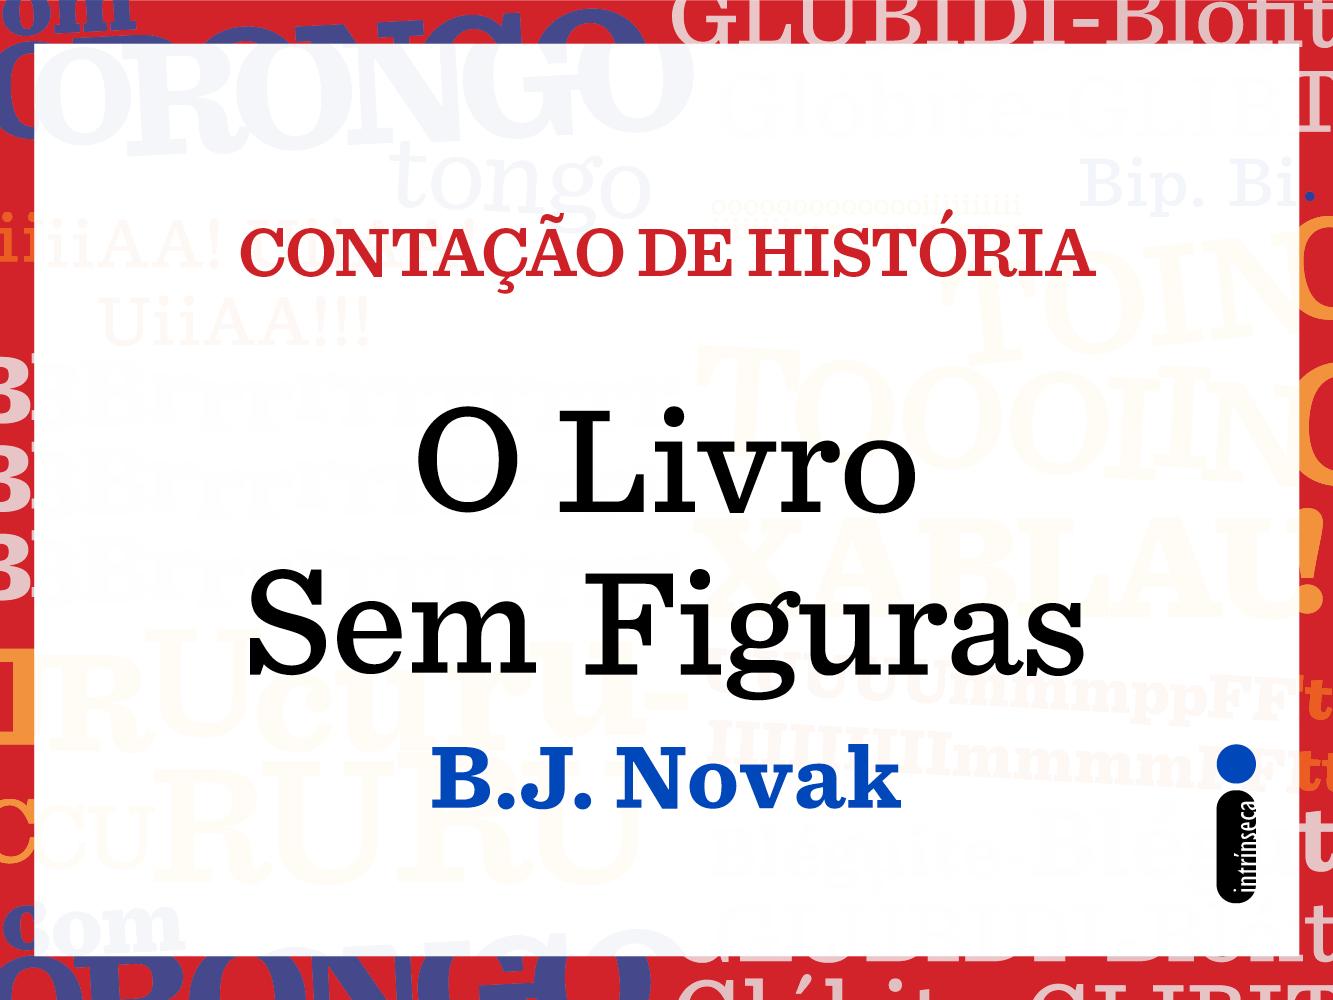 Contacao_O livro sem figuras_Facebook